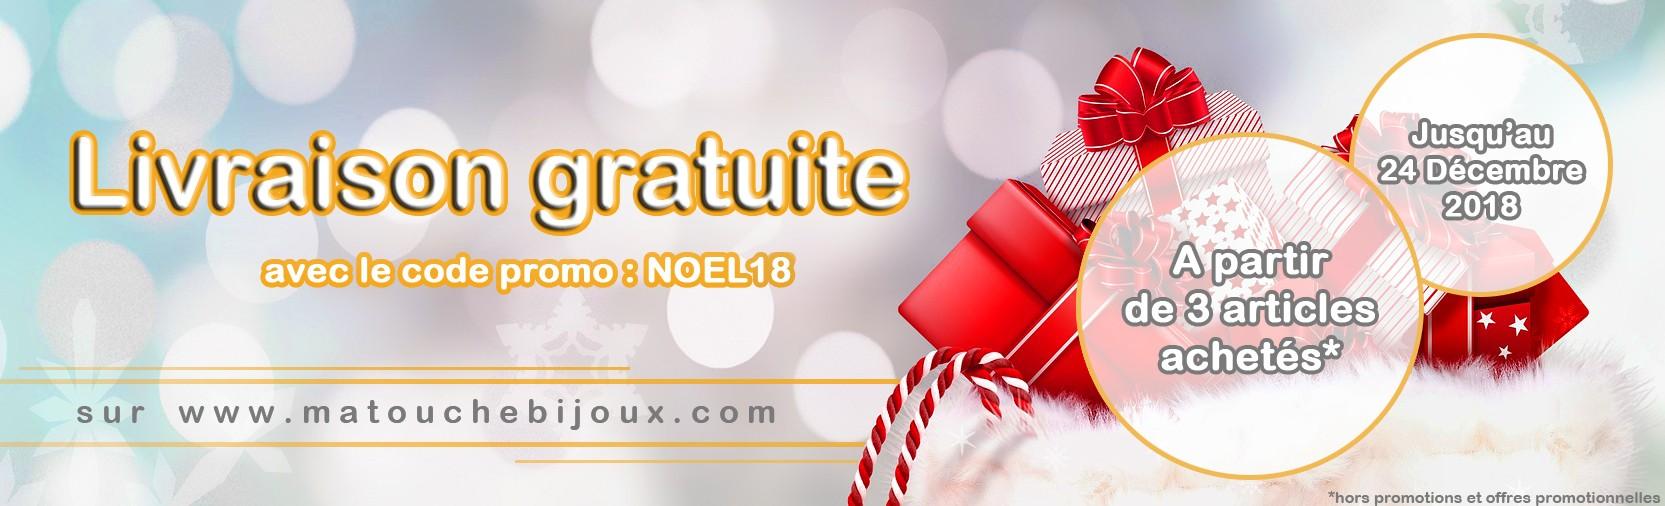 Profitez de la livraison gratuite pour vos cadeaux de noël jusqu'au 24 Décembre 2018 sur matouchebijoux.com !